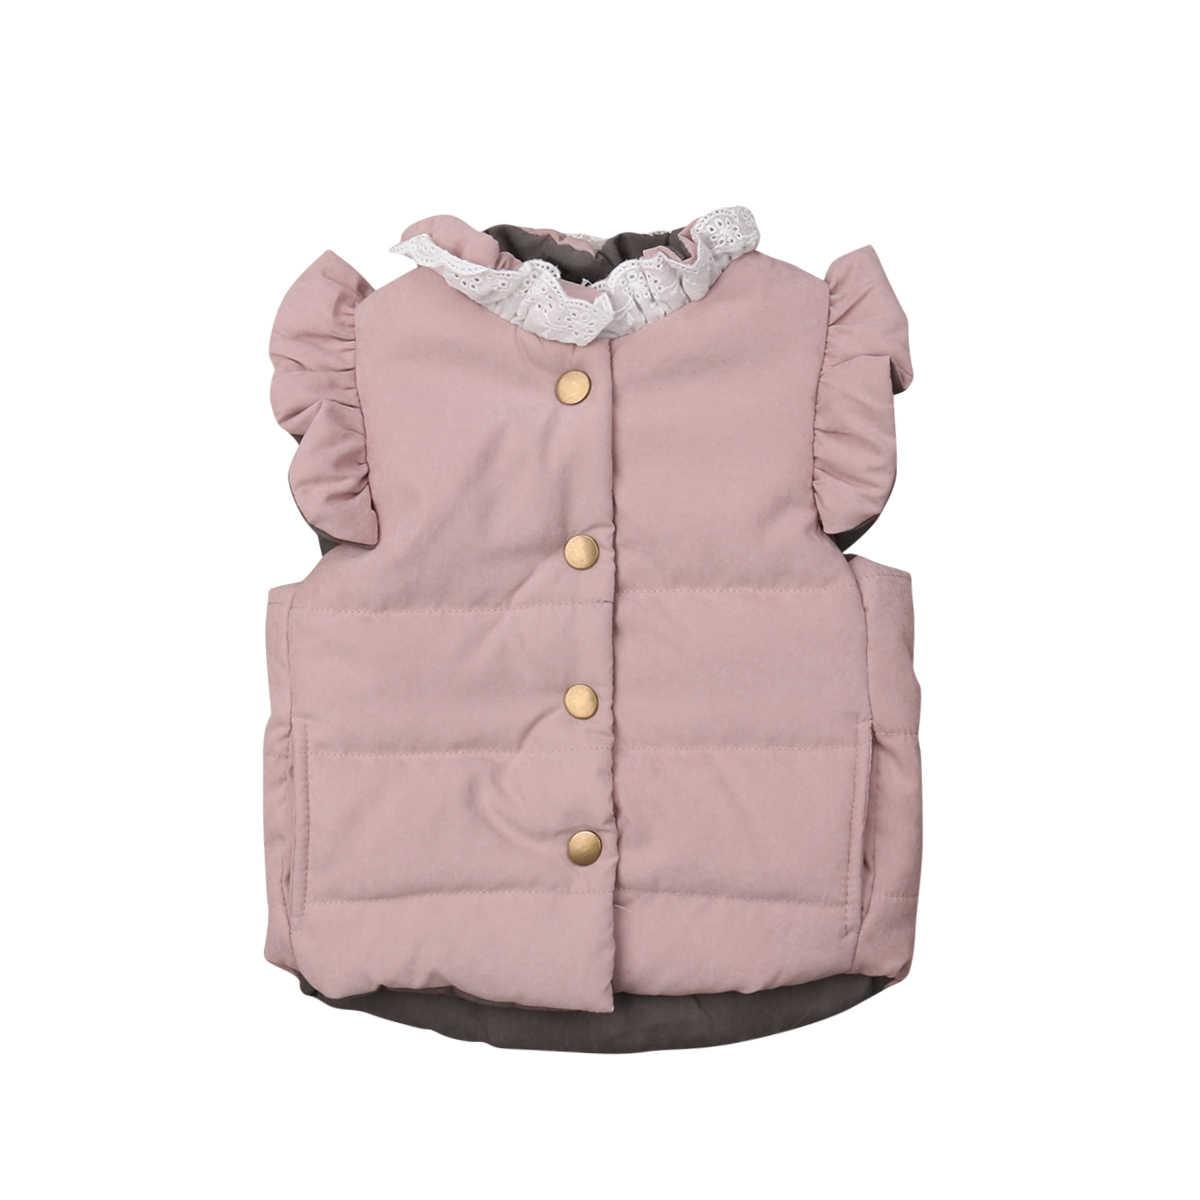 Kleinkind Baby Mädchen Winter Mantel Jacke Kleine Mädchen Prinzessin Spitze Großen Bogen Ärmellose Weste Kinder Kinder Oberbekleidung 0-4T